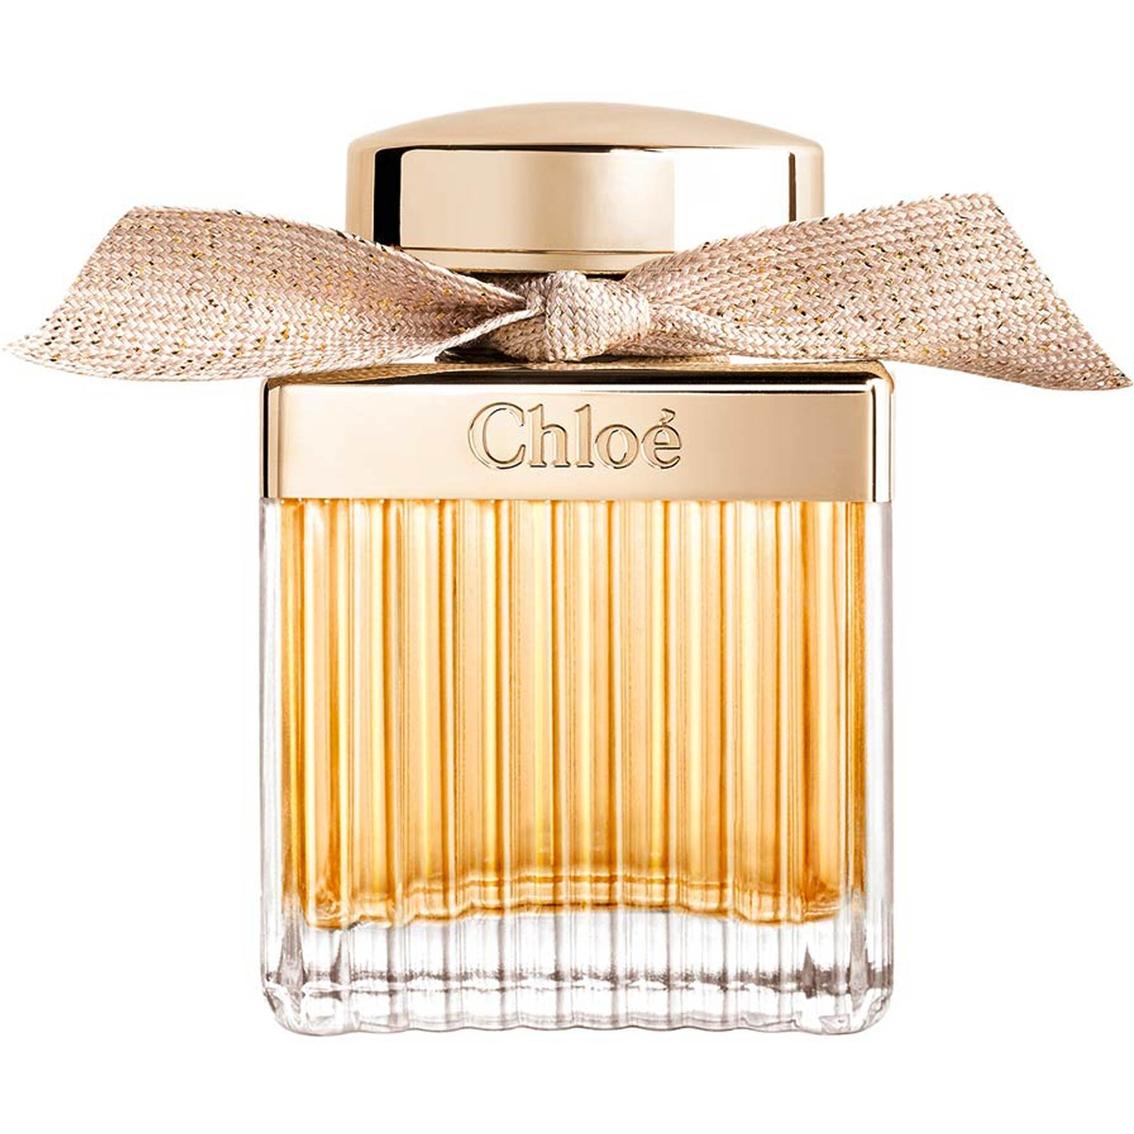 น้ำหอม Chloé Absolu de Parfum ขนาด 10ml แบบสเปรย์